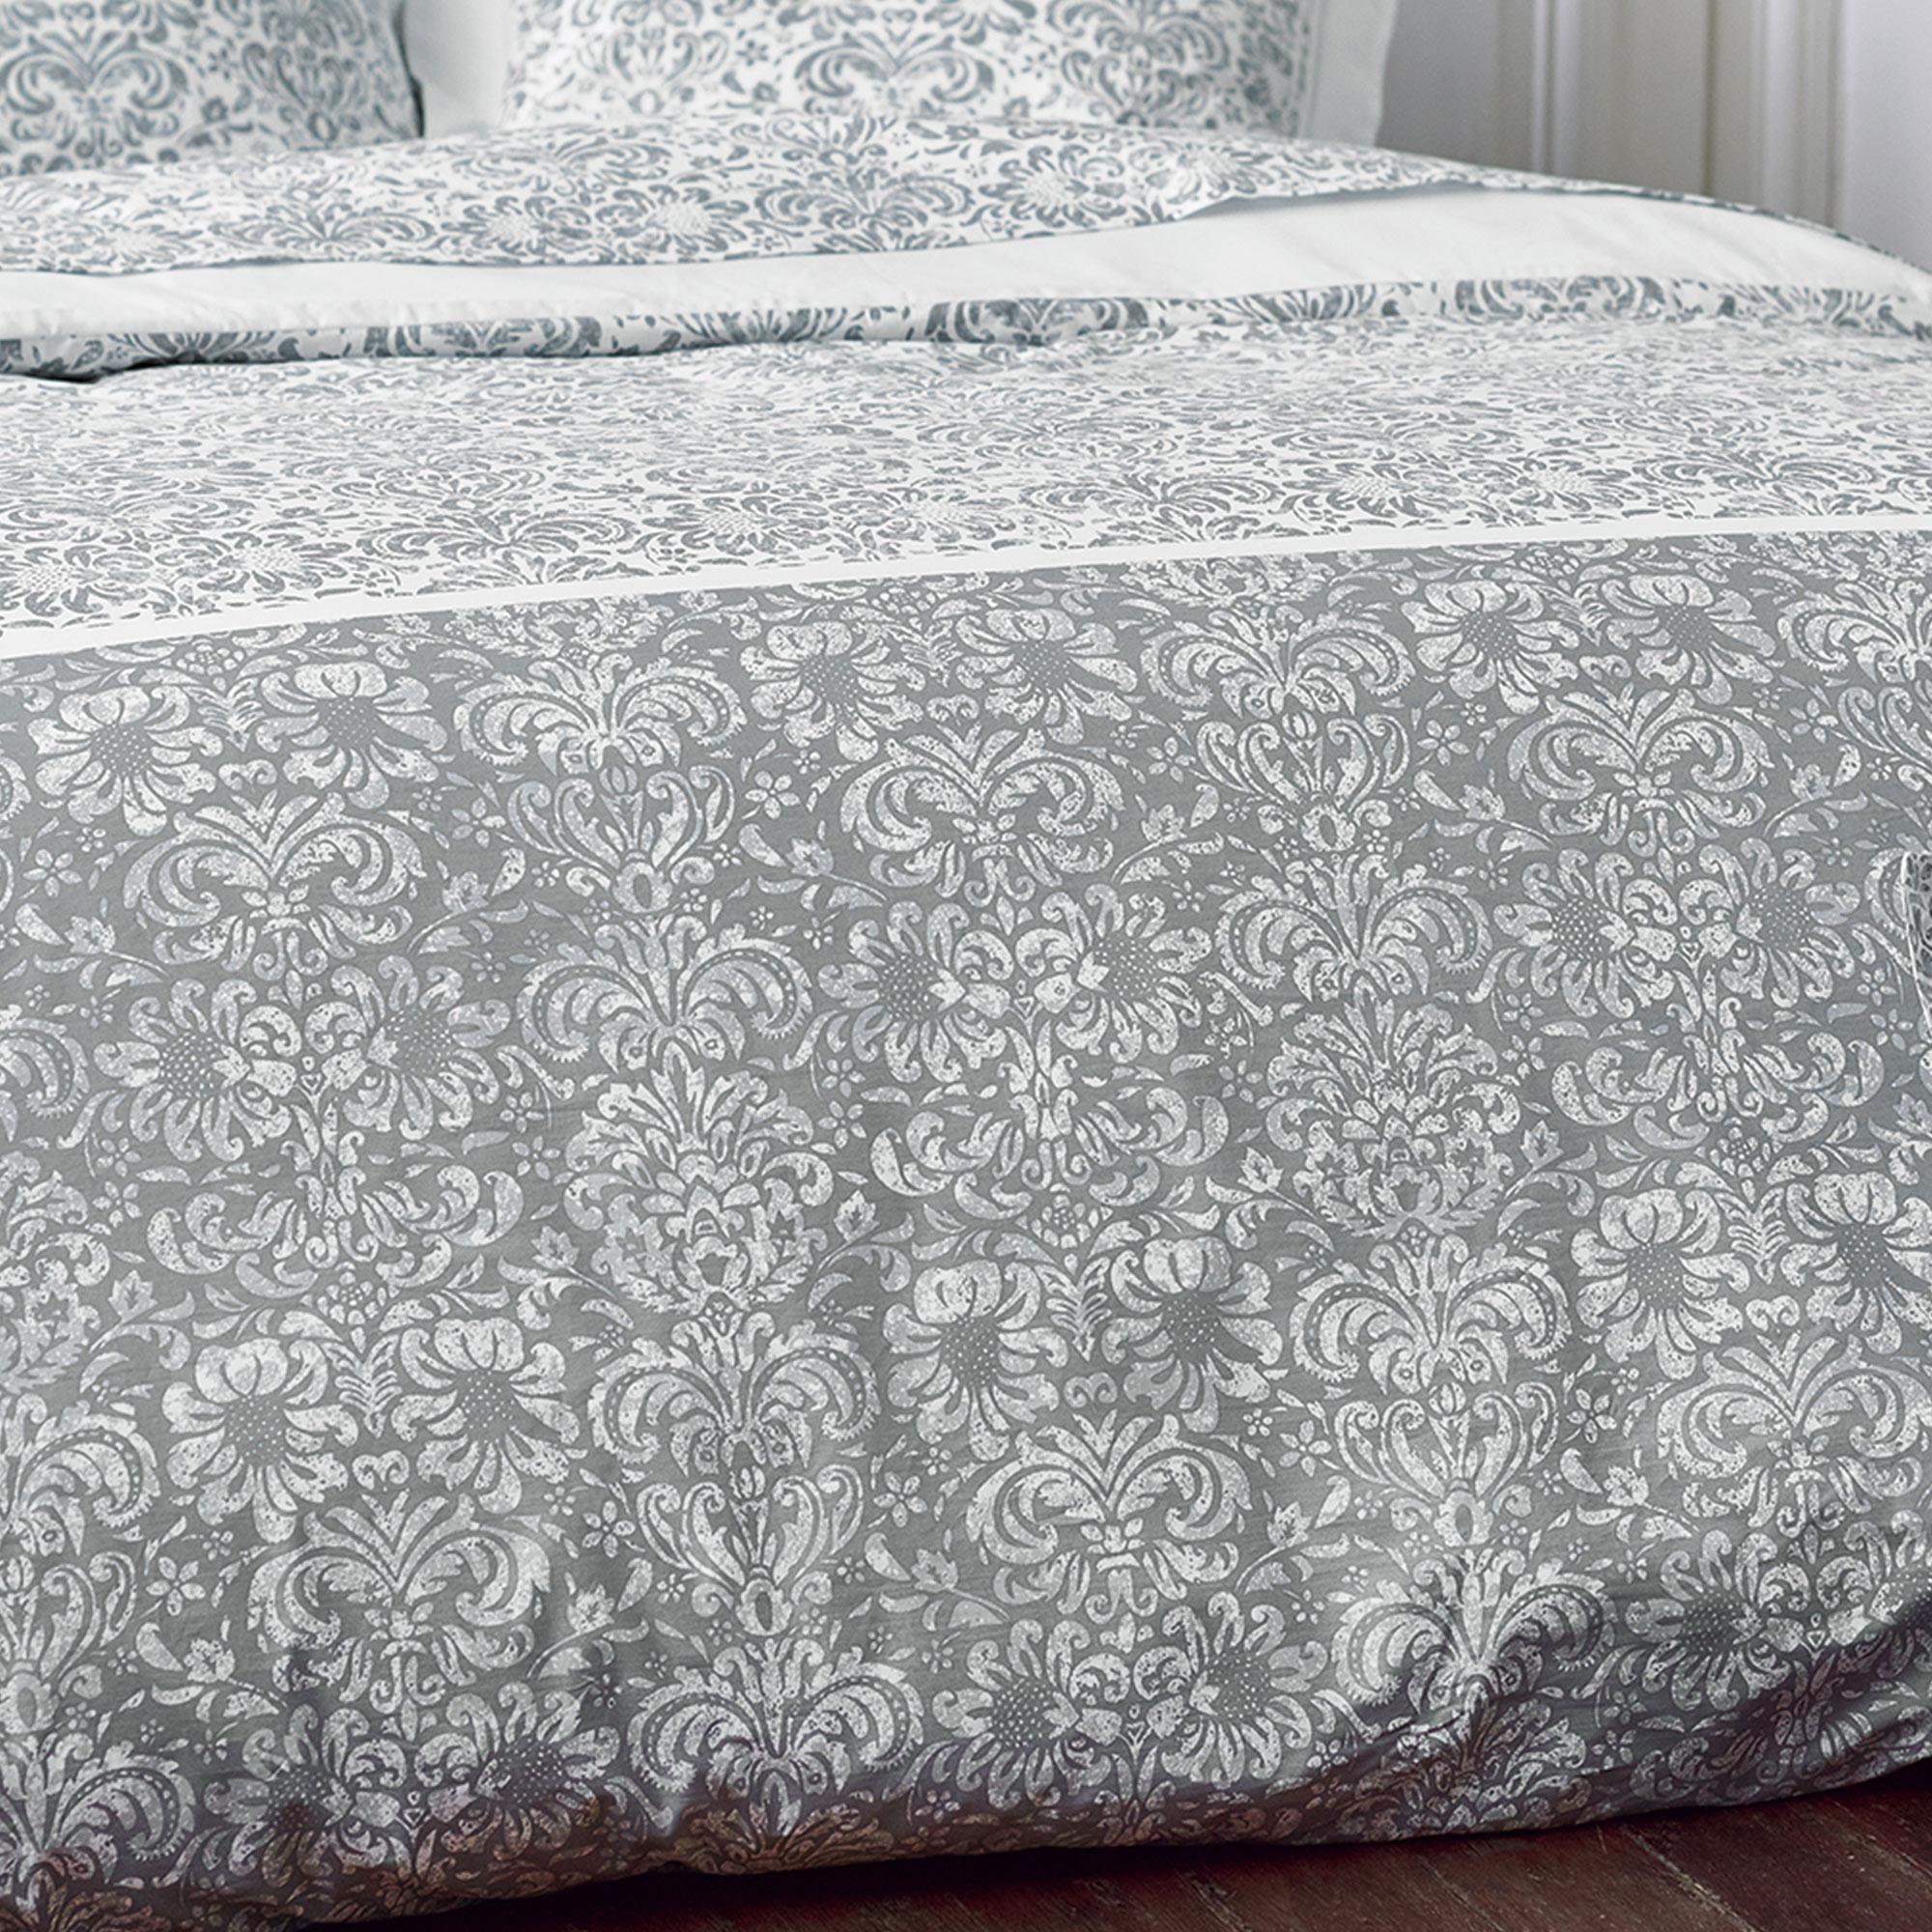 housse de couette 280x240 cm percale pur coton amboise. Black Bedroom Furniture Sets. Home Design Ideas